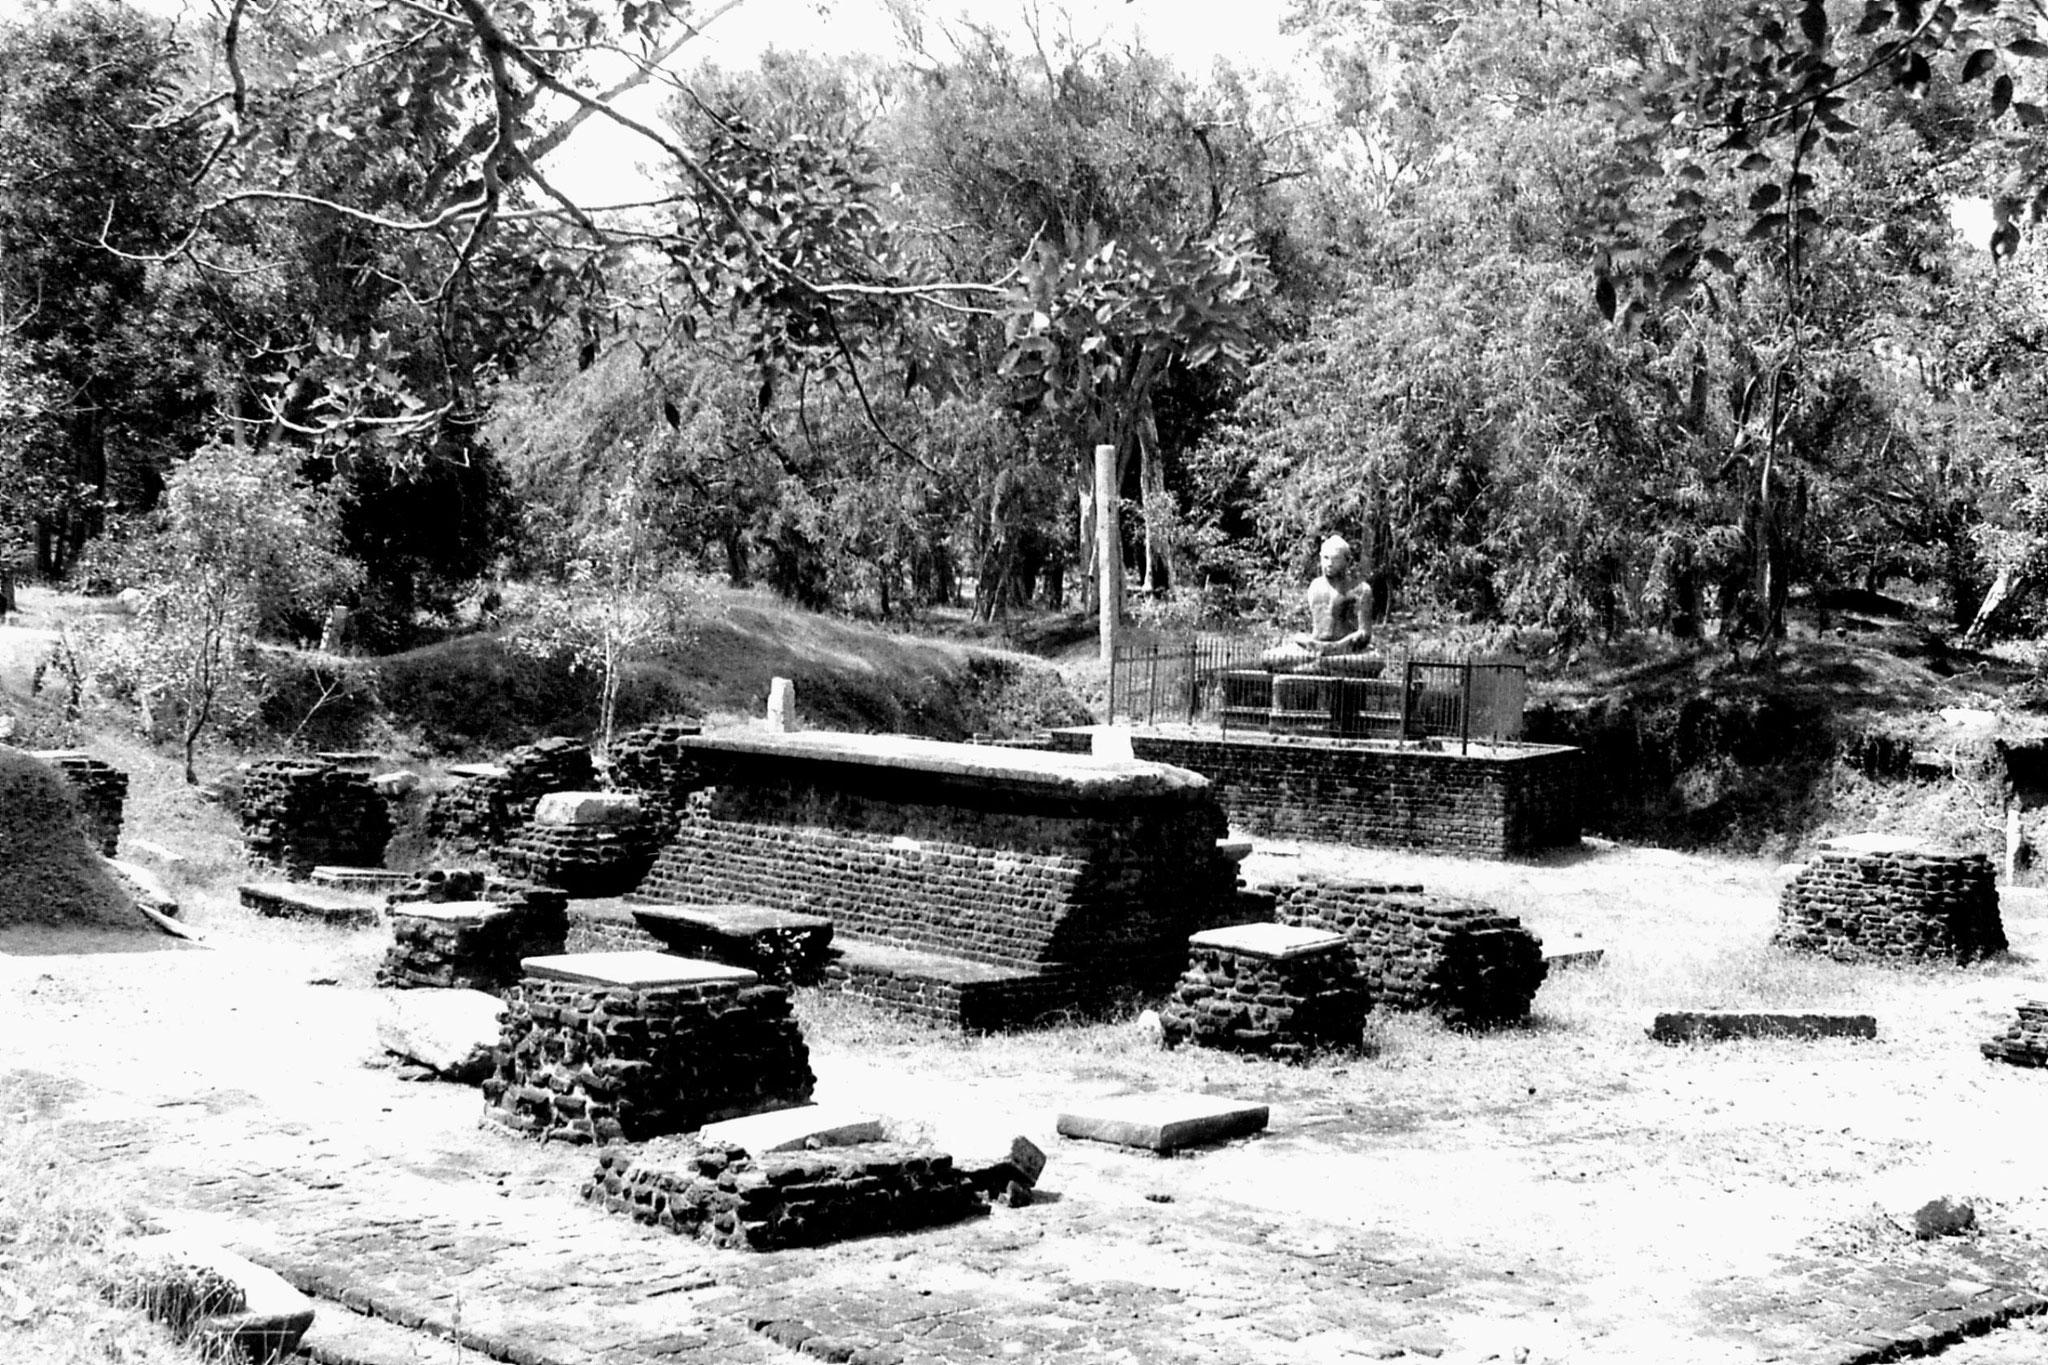 9/2/90: 28: Anuradhapura